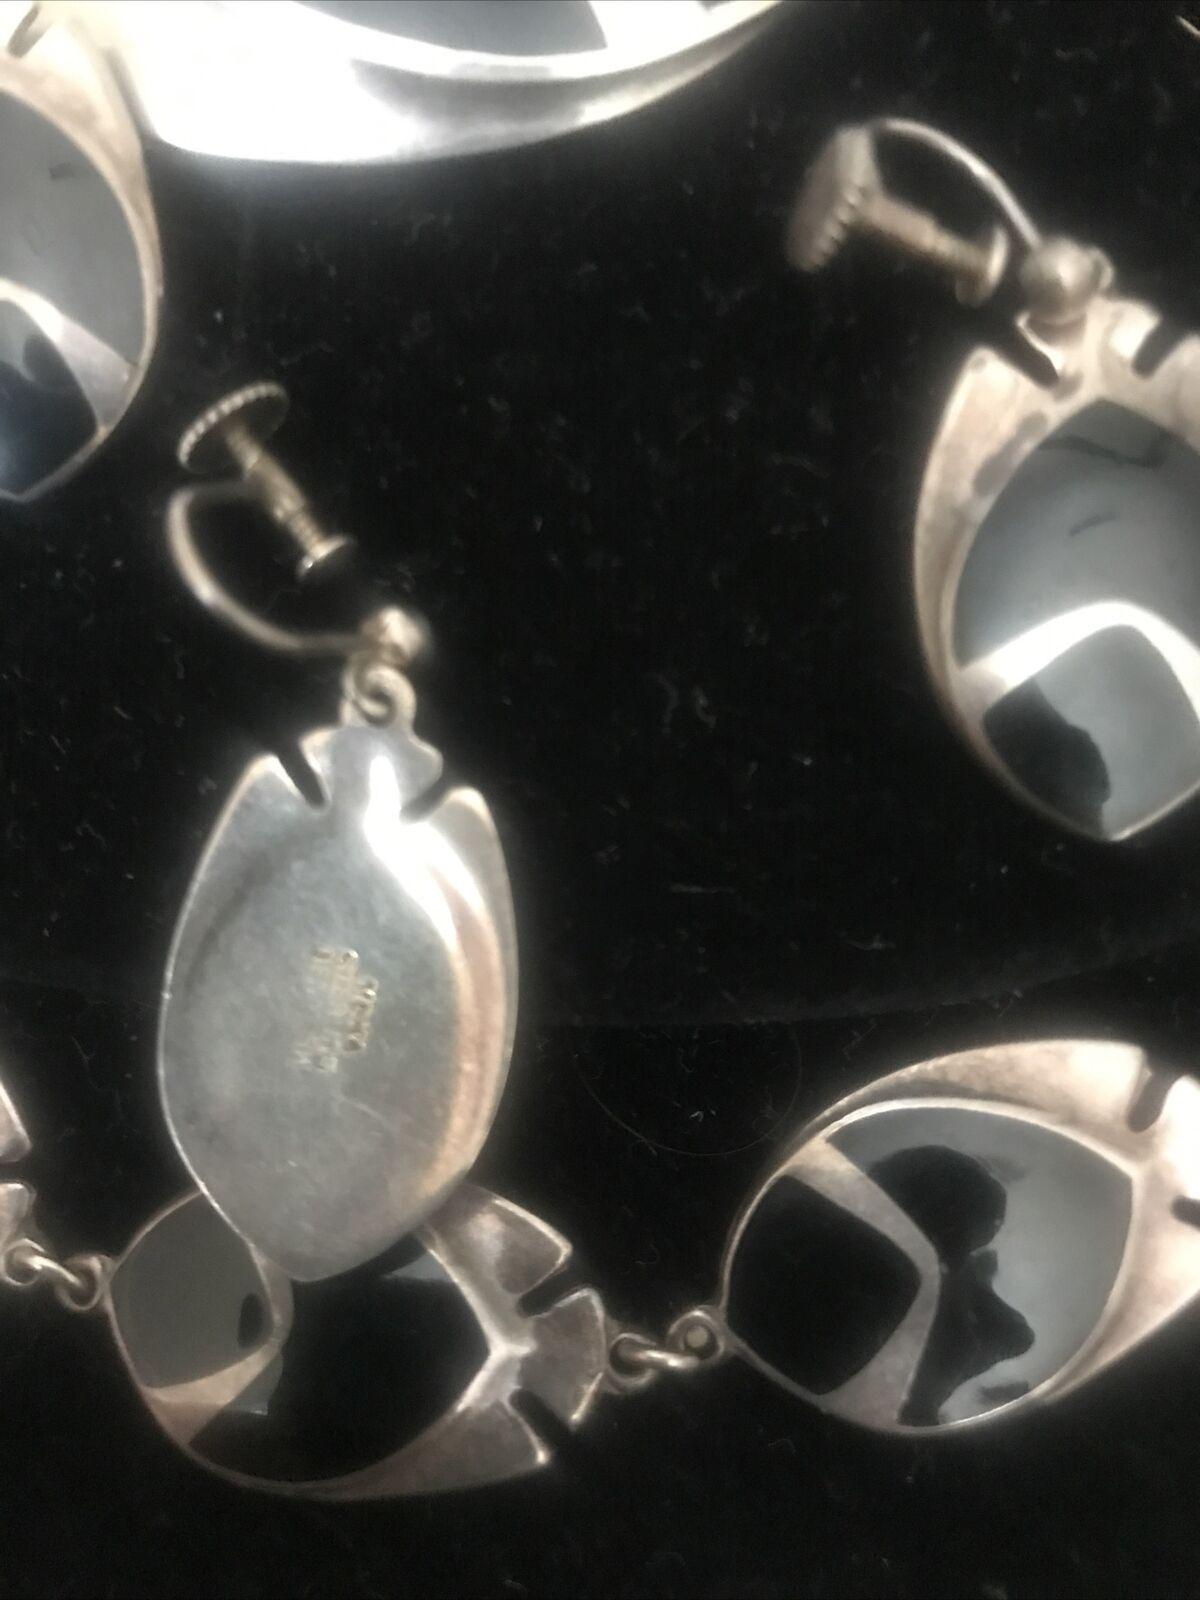 Vintage Scandinavian Jewelry Danish Sterling Silver /& Guilloch\u00e9 Art Nouveau Dangle Screw Backs MEKA Enamel Earrings